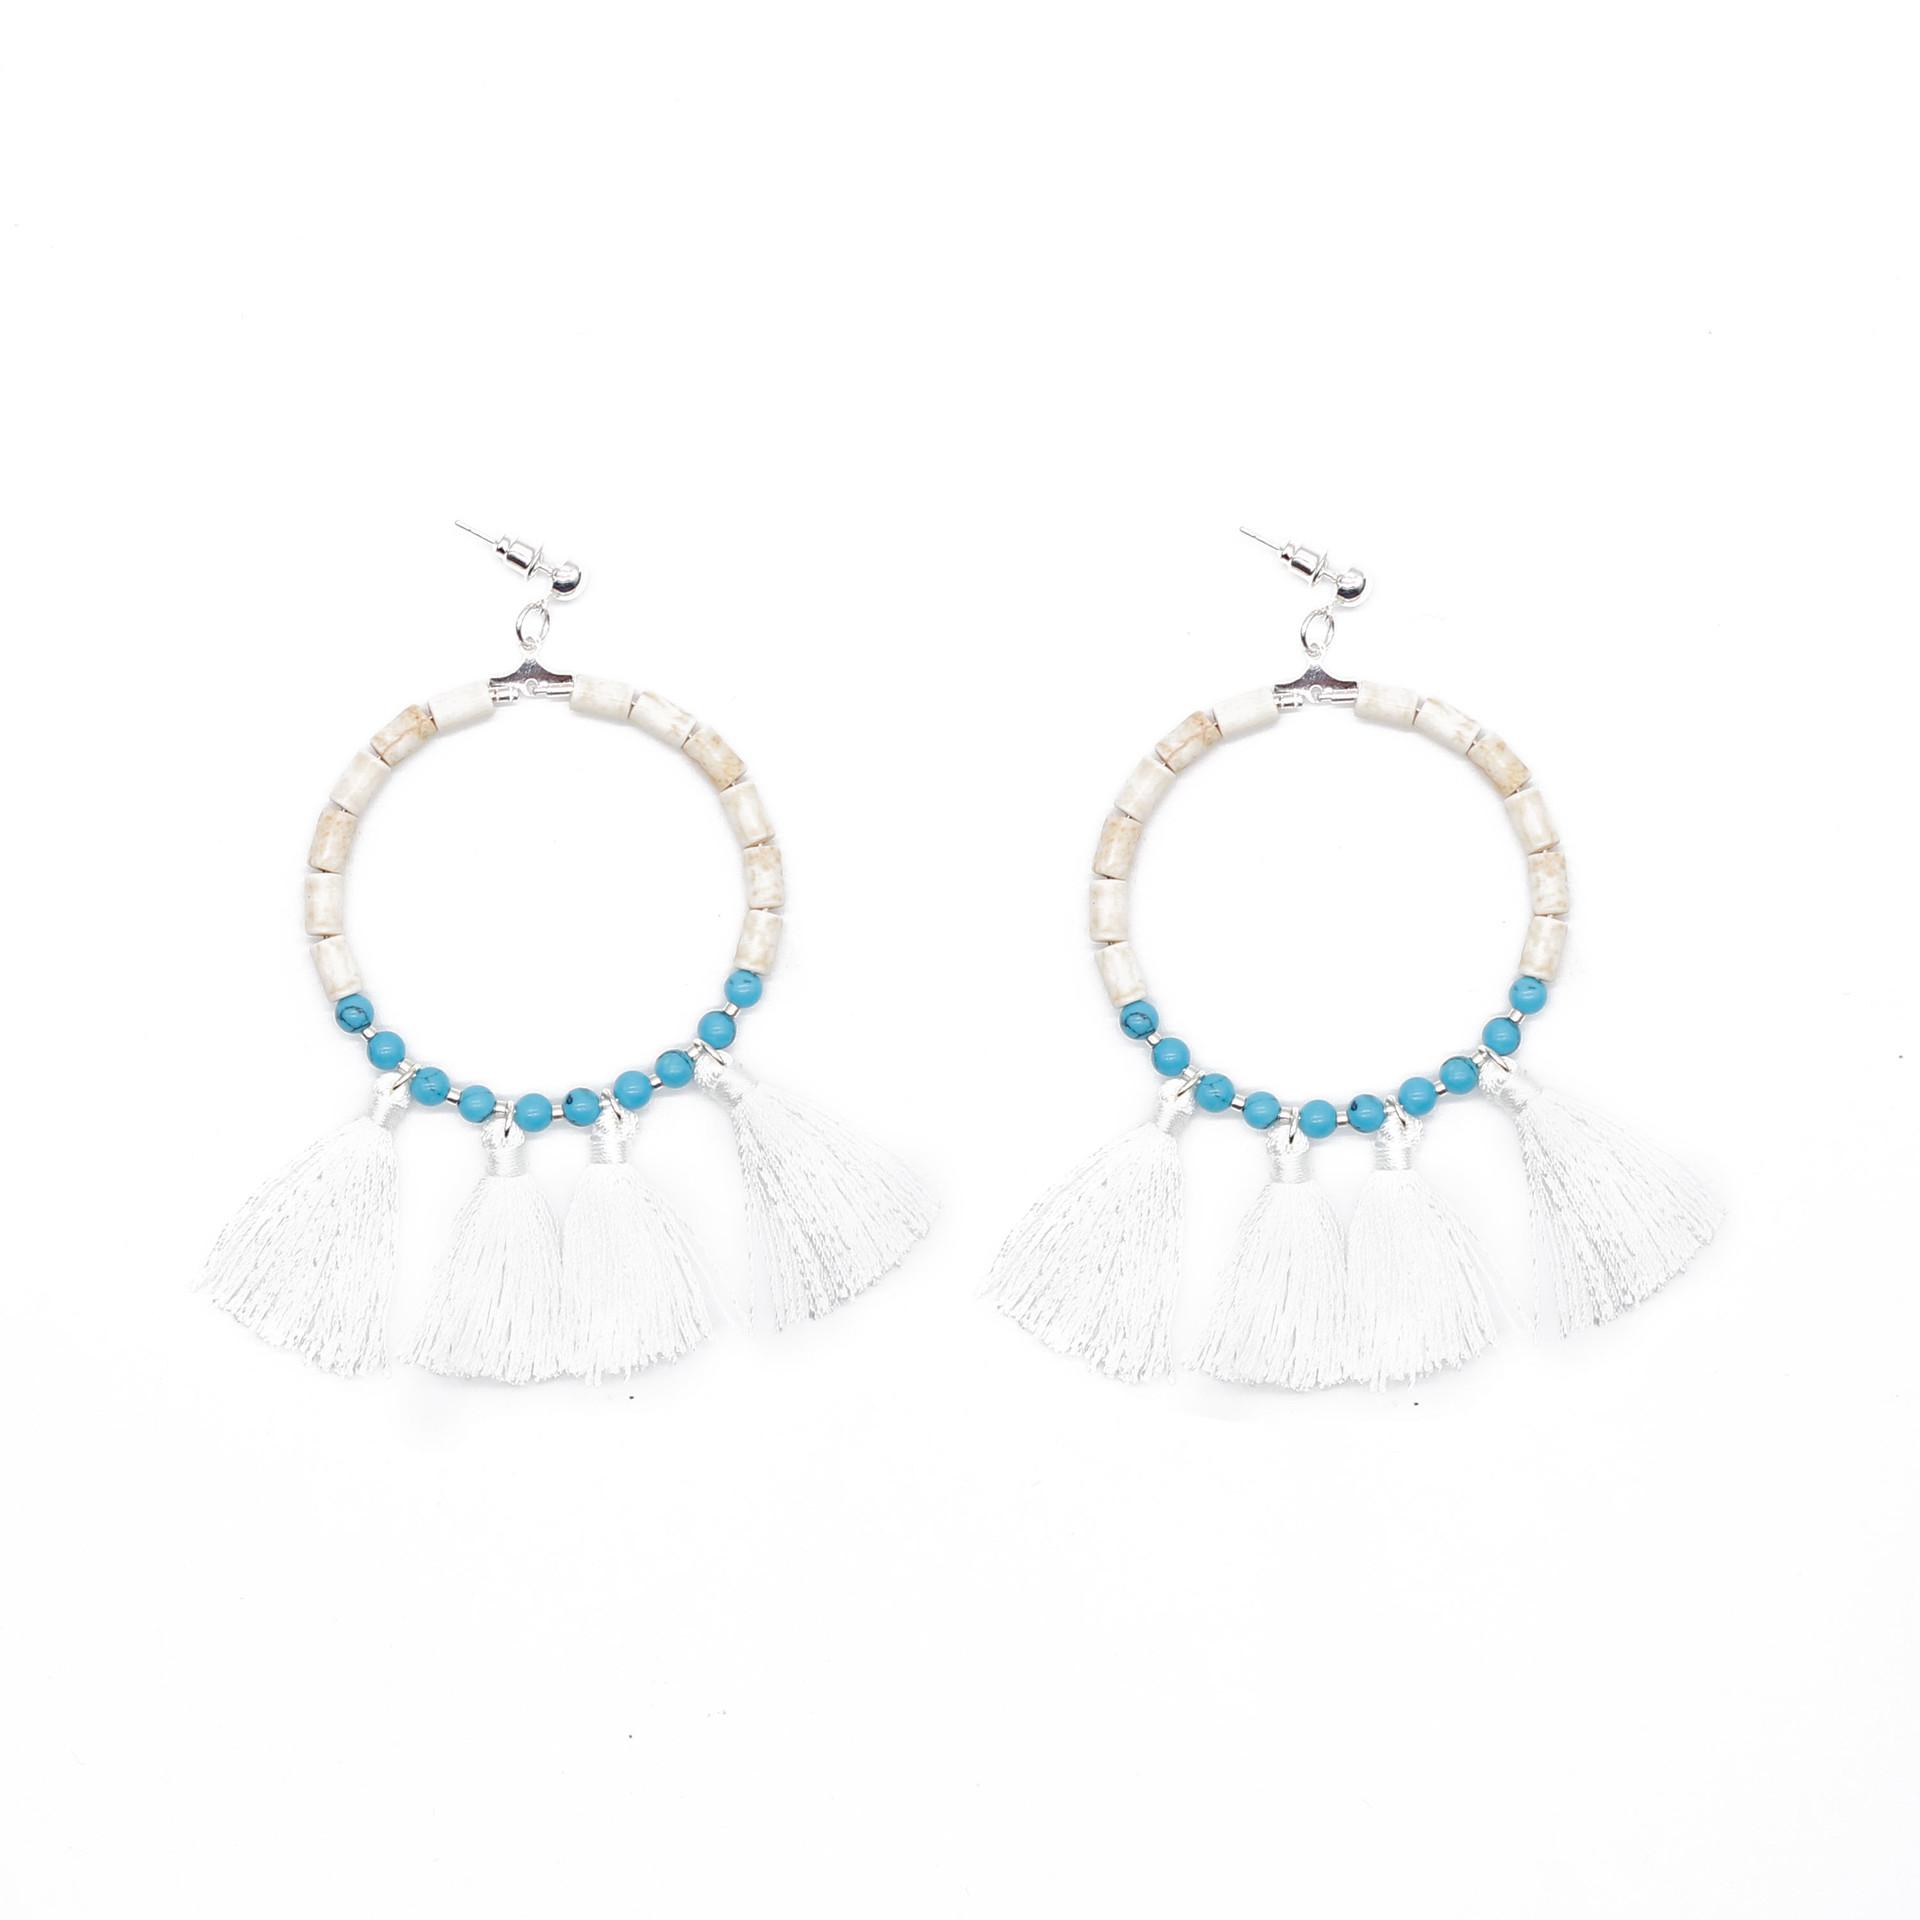 TTT Jewelry boho style earrings raffia handmade boho statement